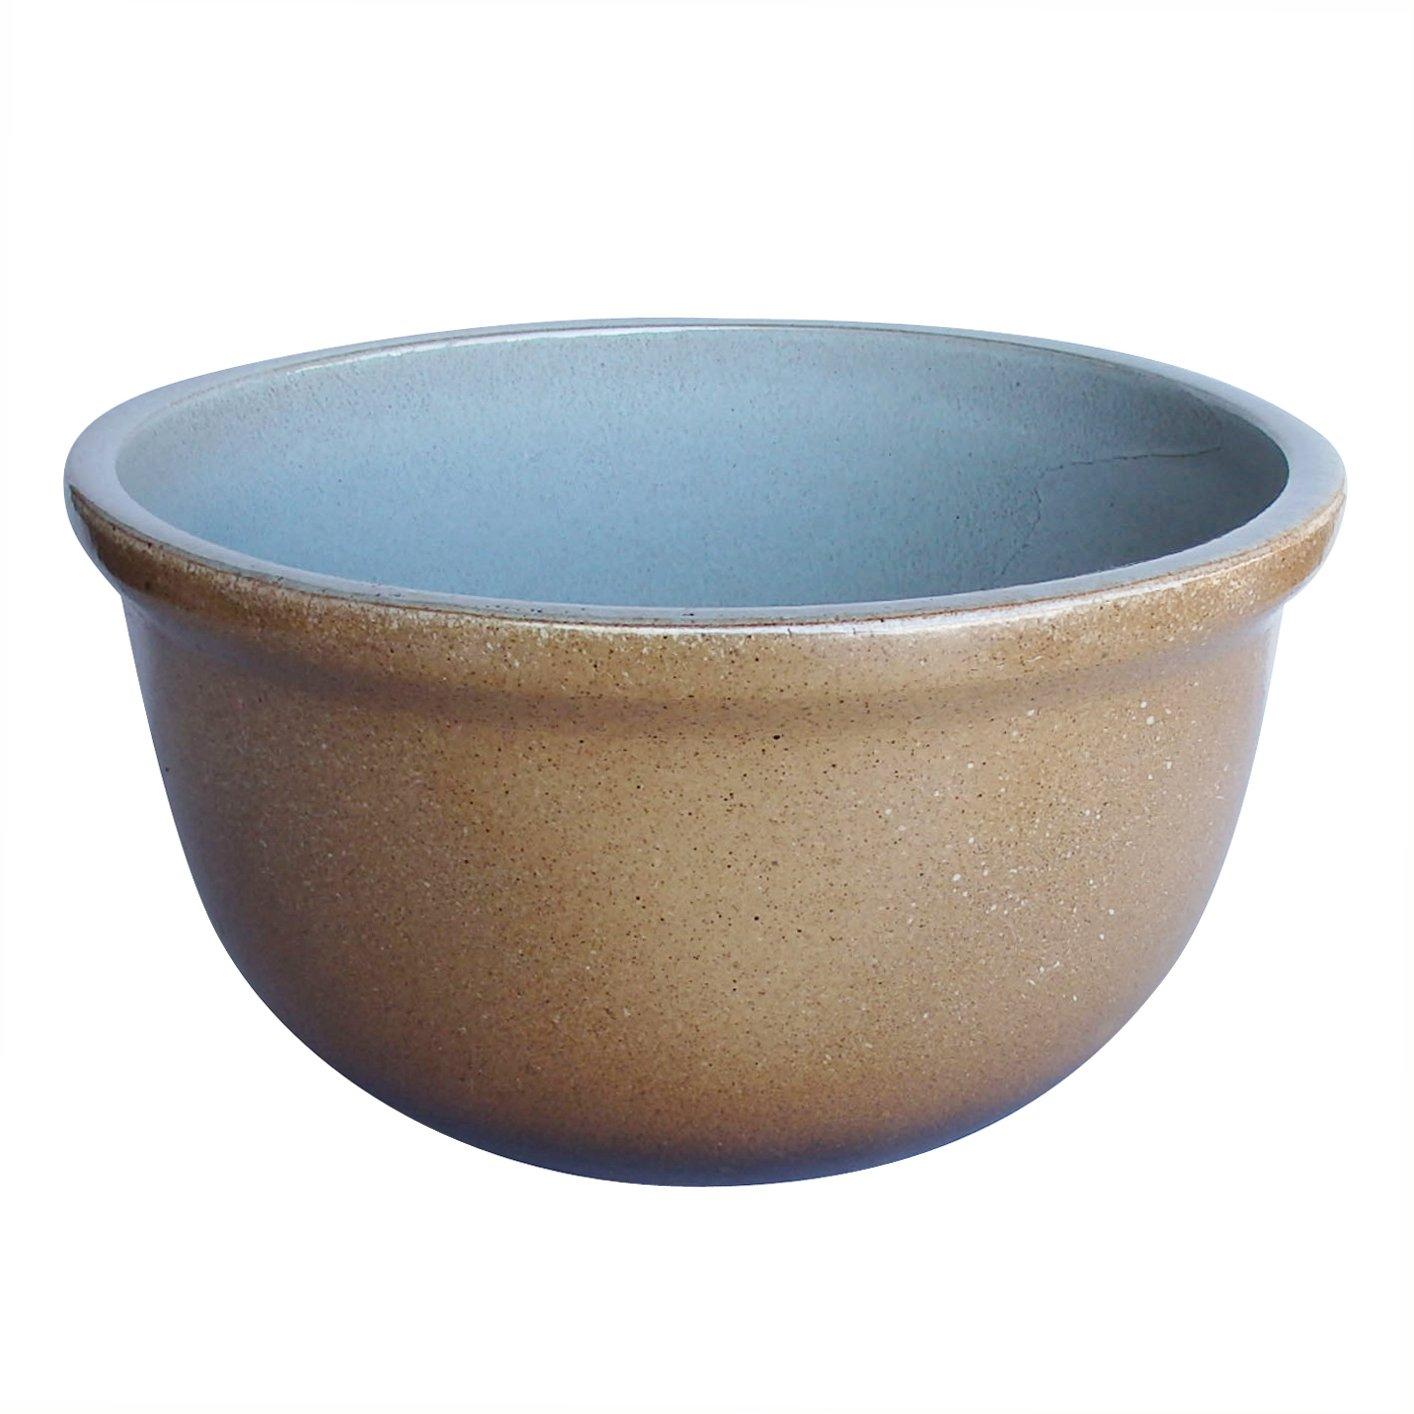 14号 睡蓮鉢 丸型浅 黄土色+茶色 水鉢 容量21.5 リットル 陶器 おしゃれ F14 B01MYG0T77